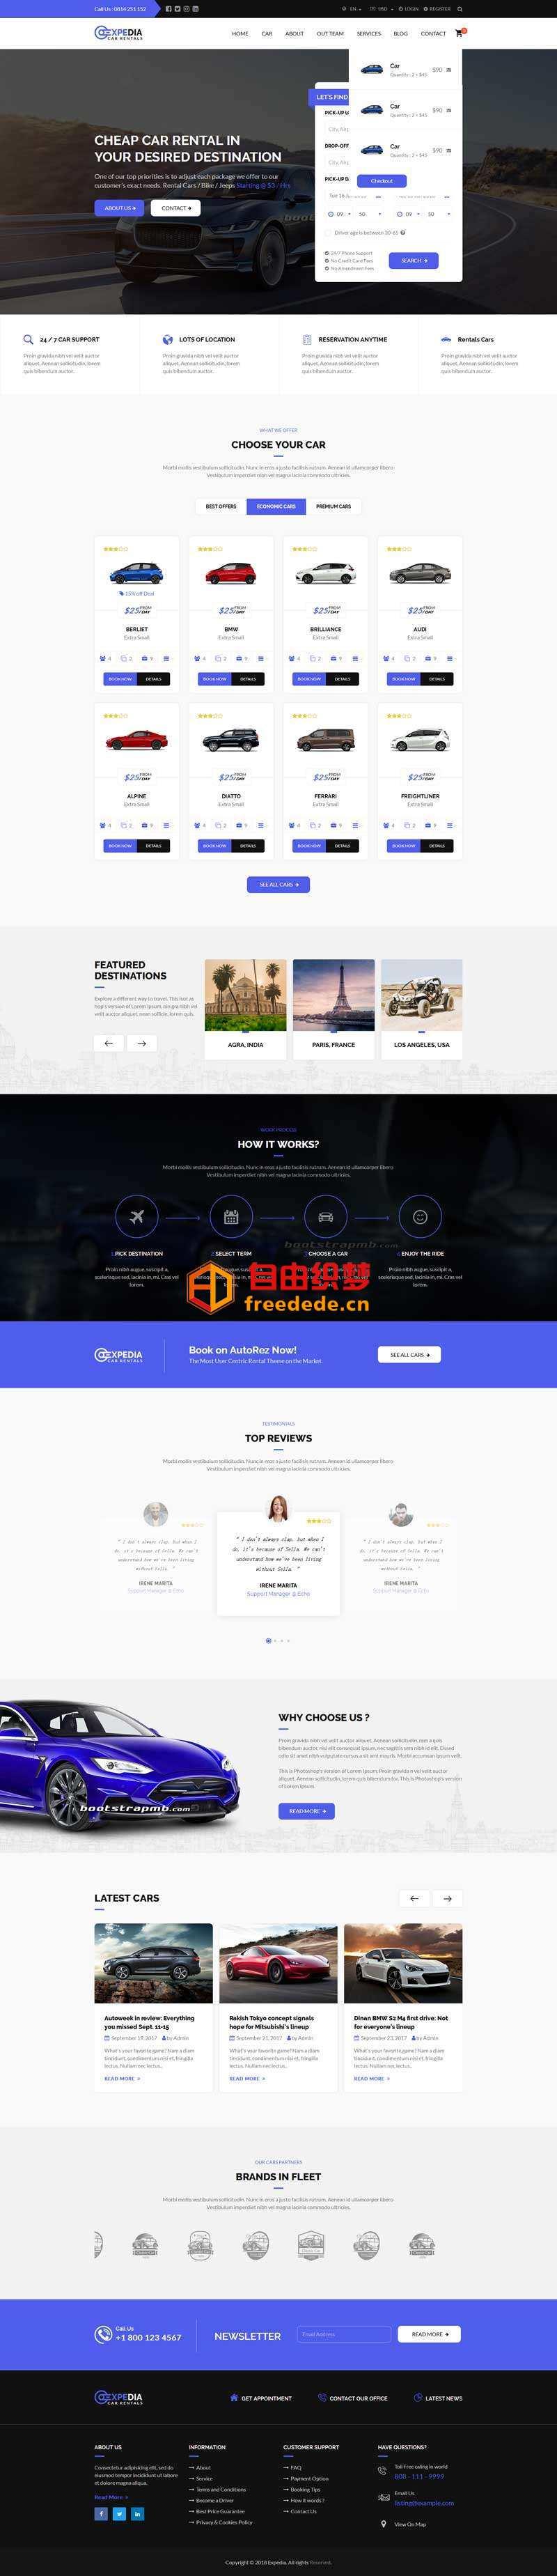 爱上源码网文章Bootstrap汽车租赁平台网站模板的内容插图